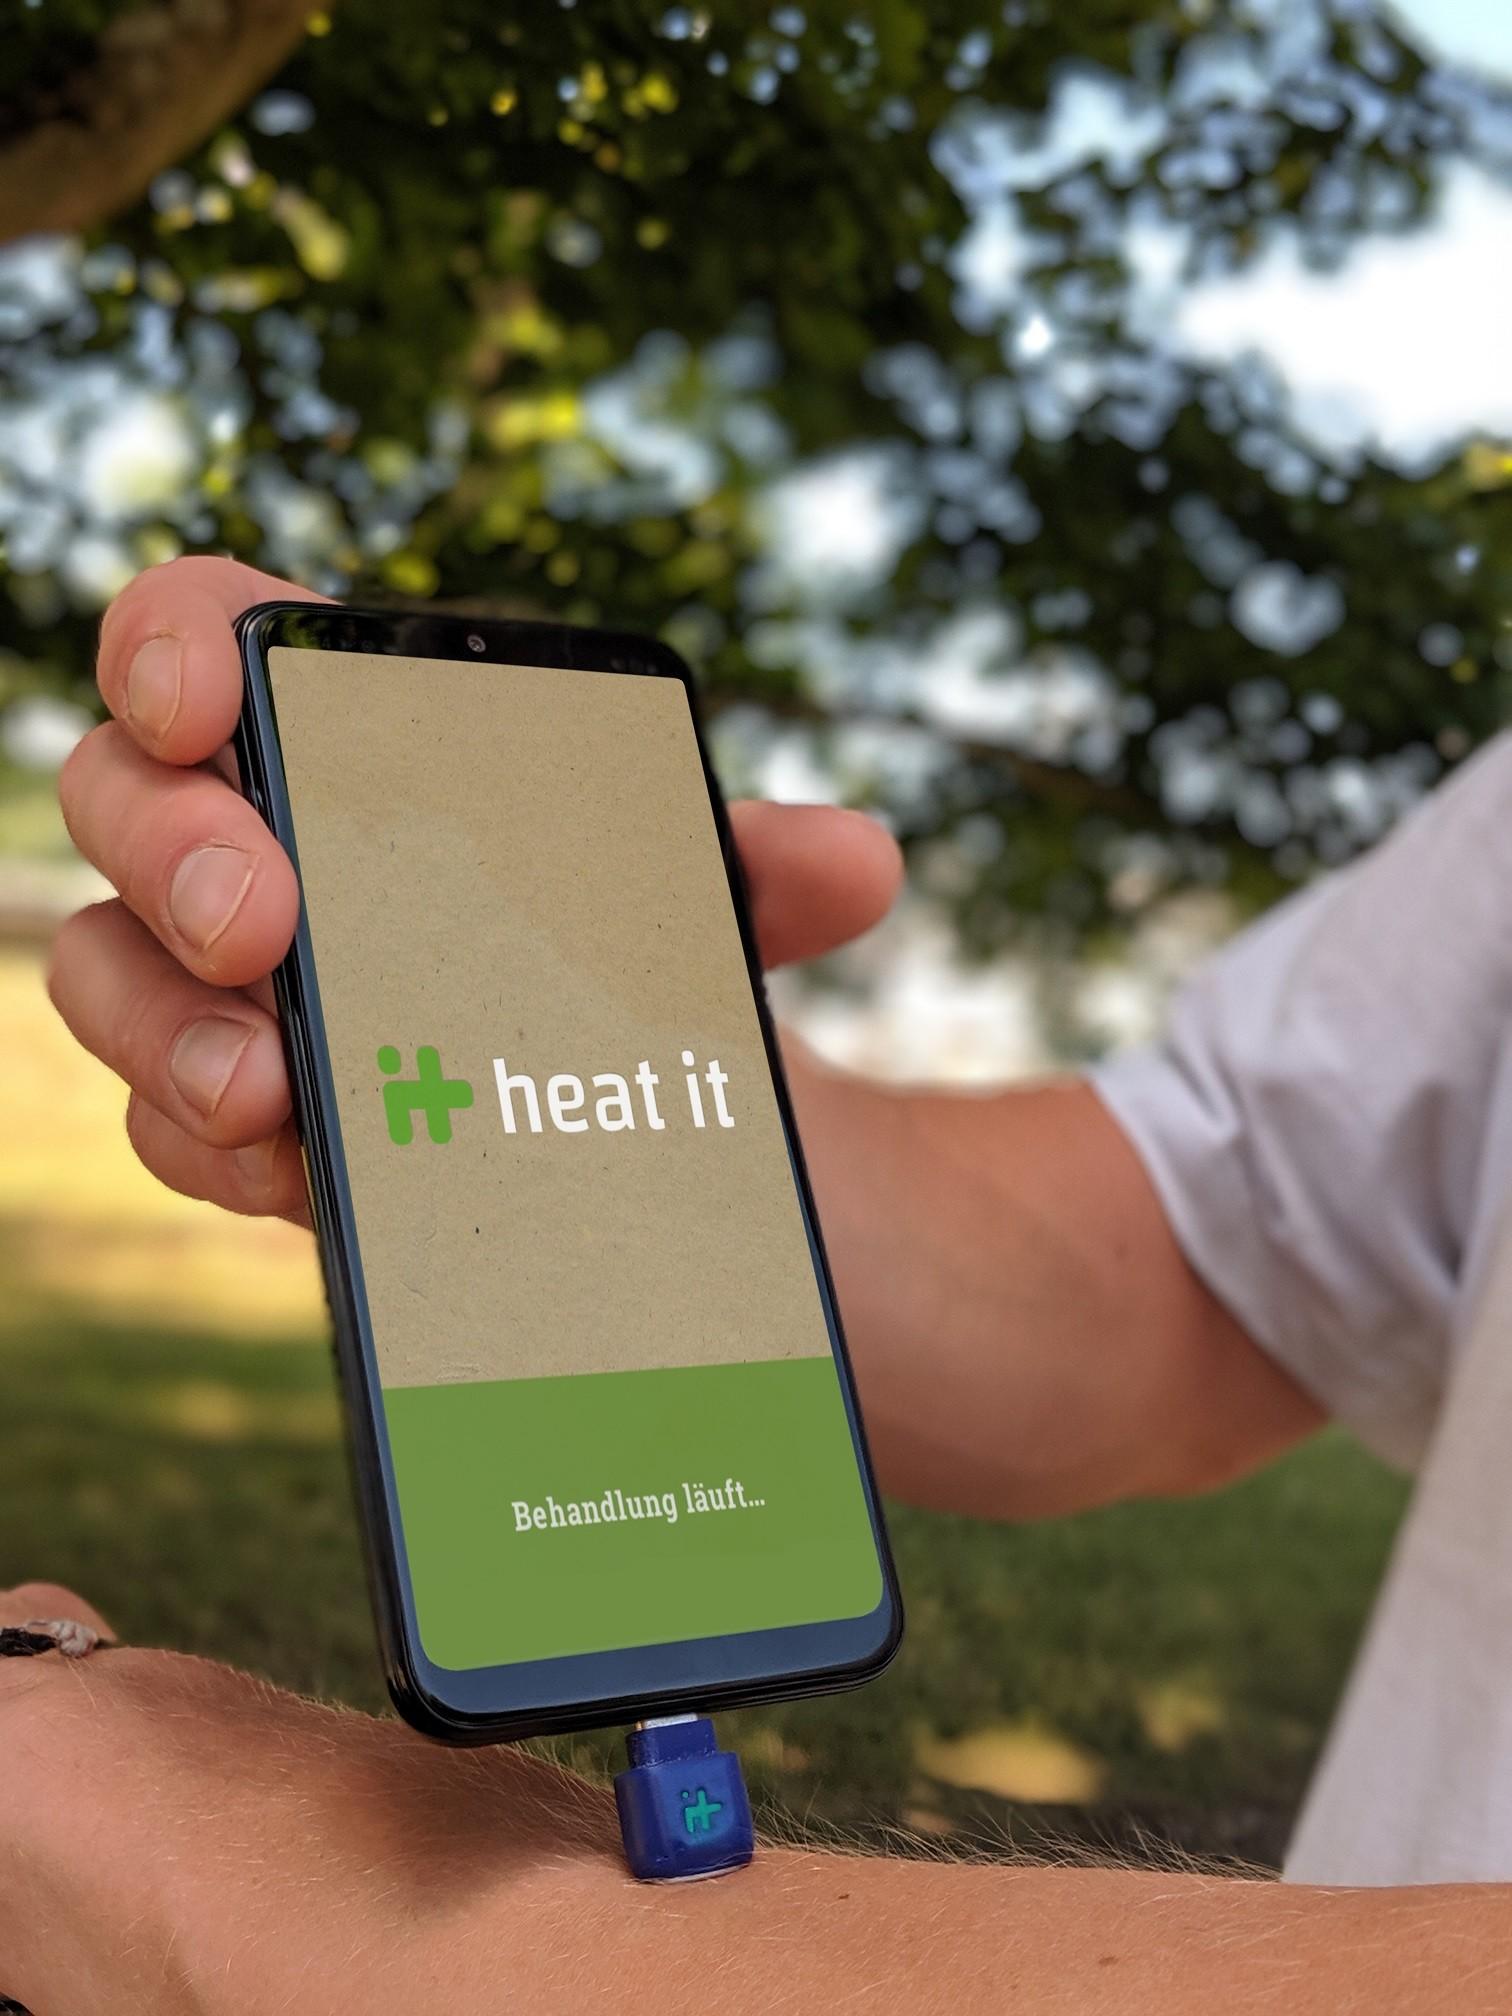 heat it, Insektenstiche, Karlsruhe, Mückenstich, Wespenstich, Mücken, Wesepen, Smartphone, Behandlung